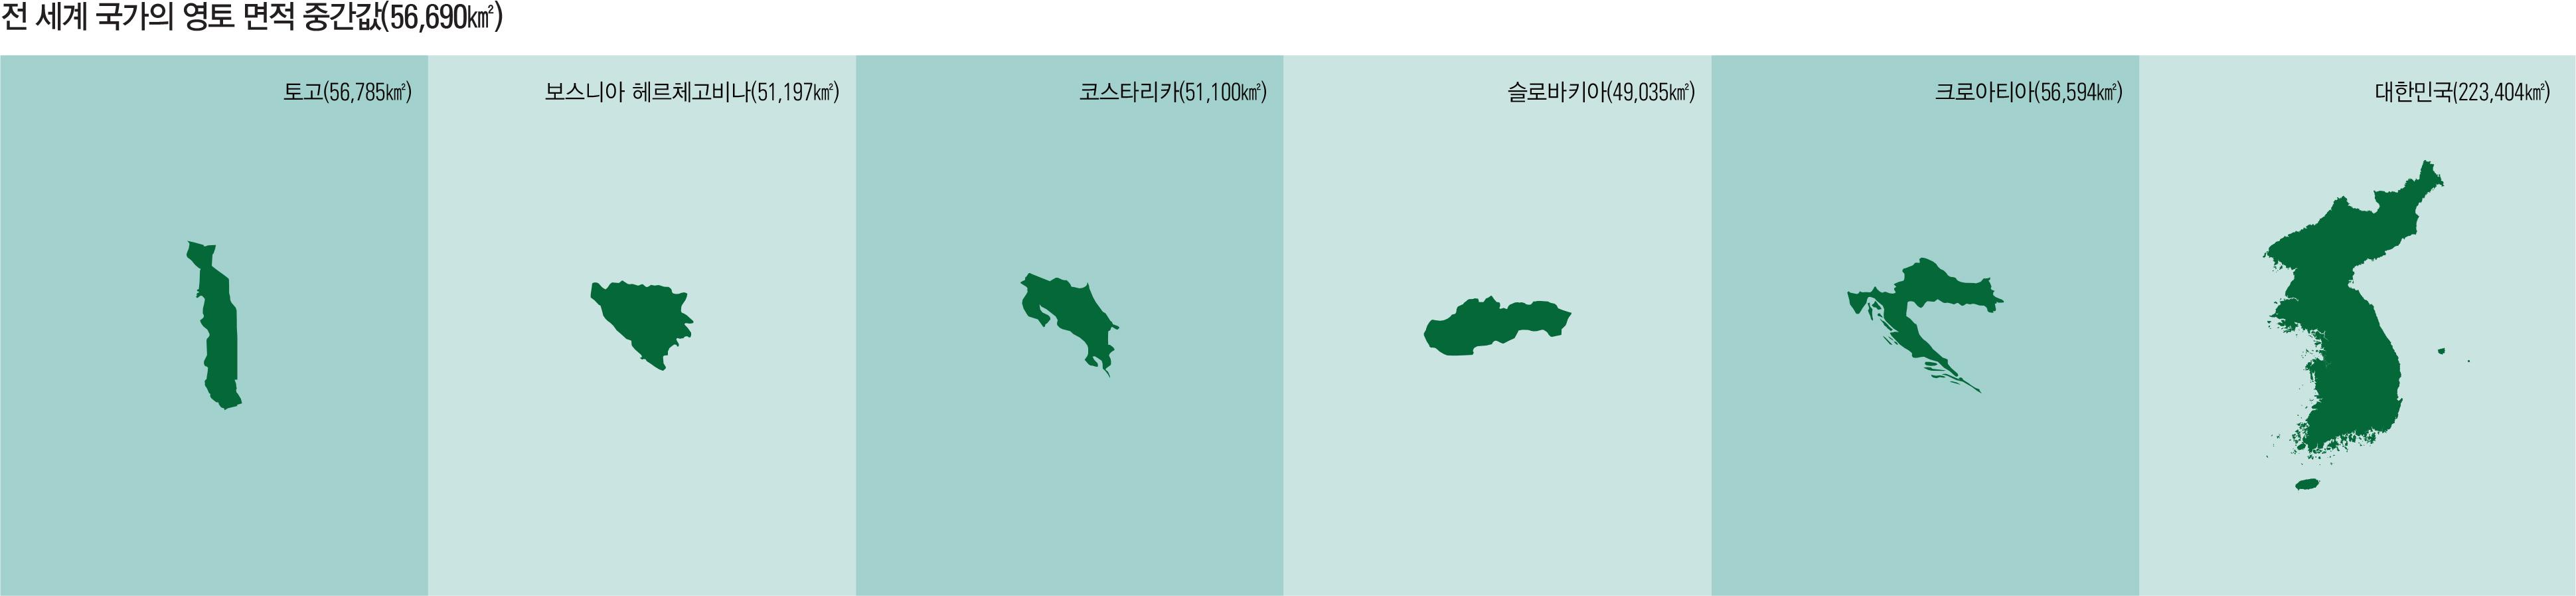 전 세계 국가의 영토 면적 중간값